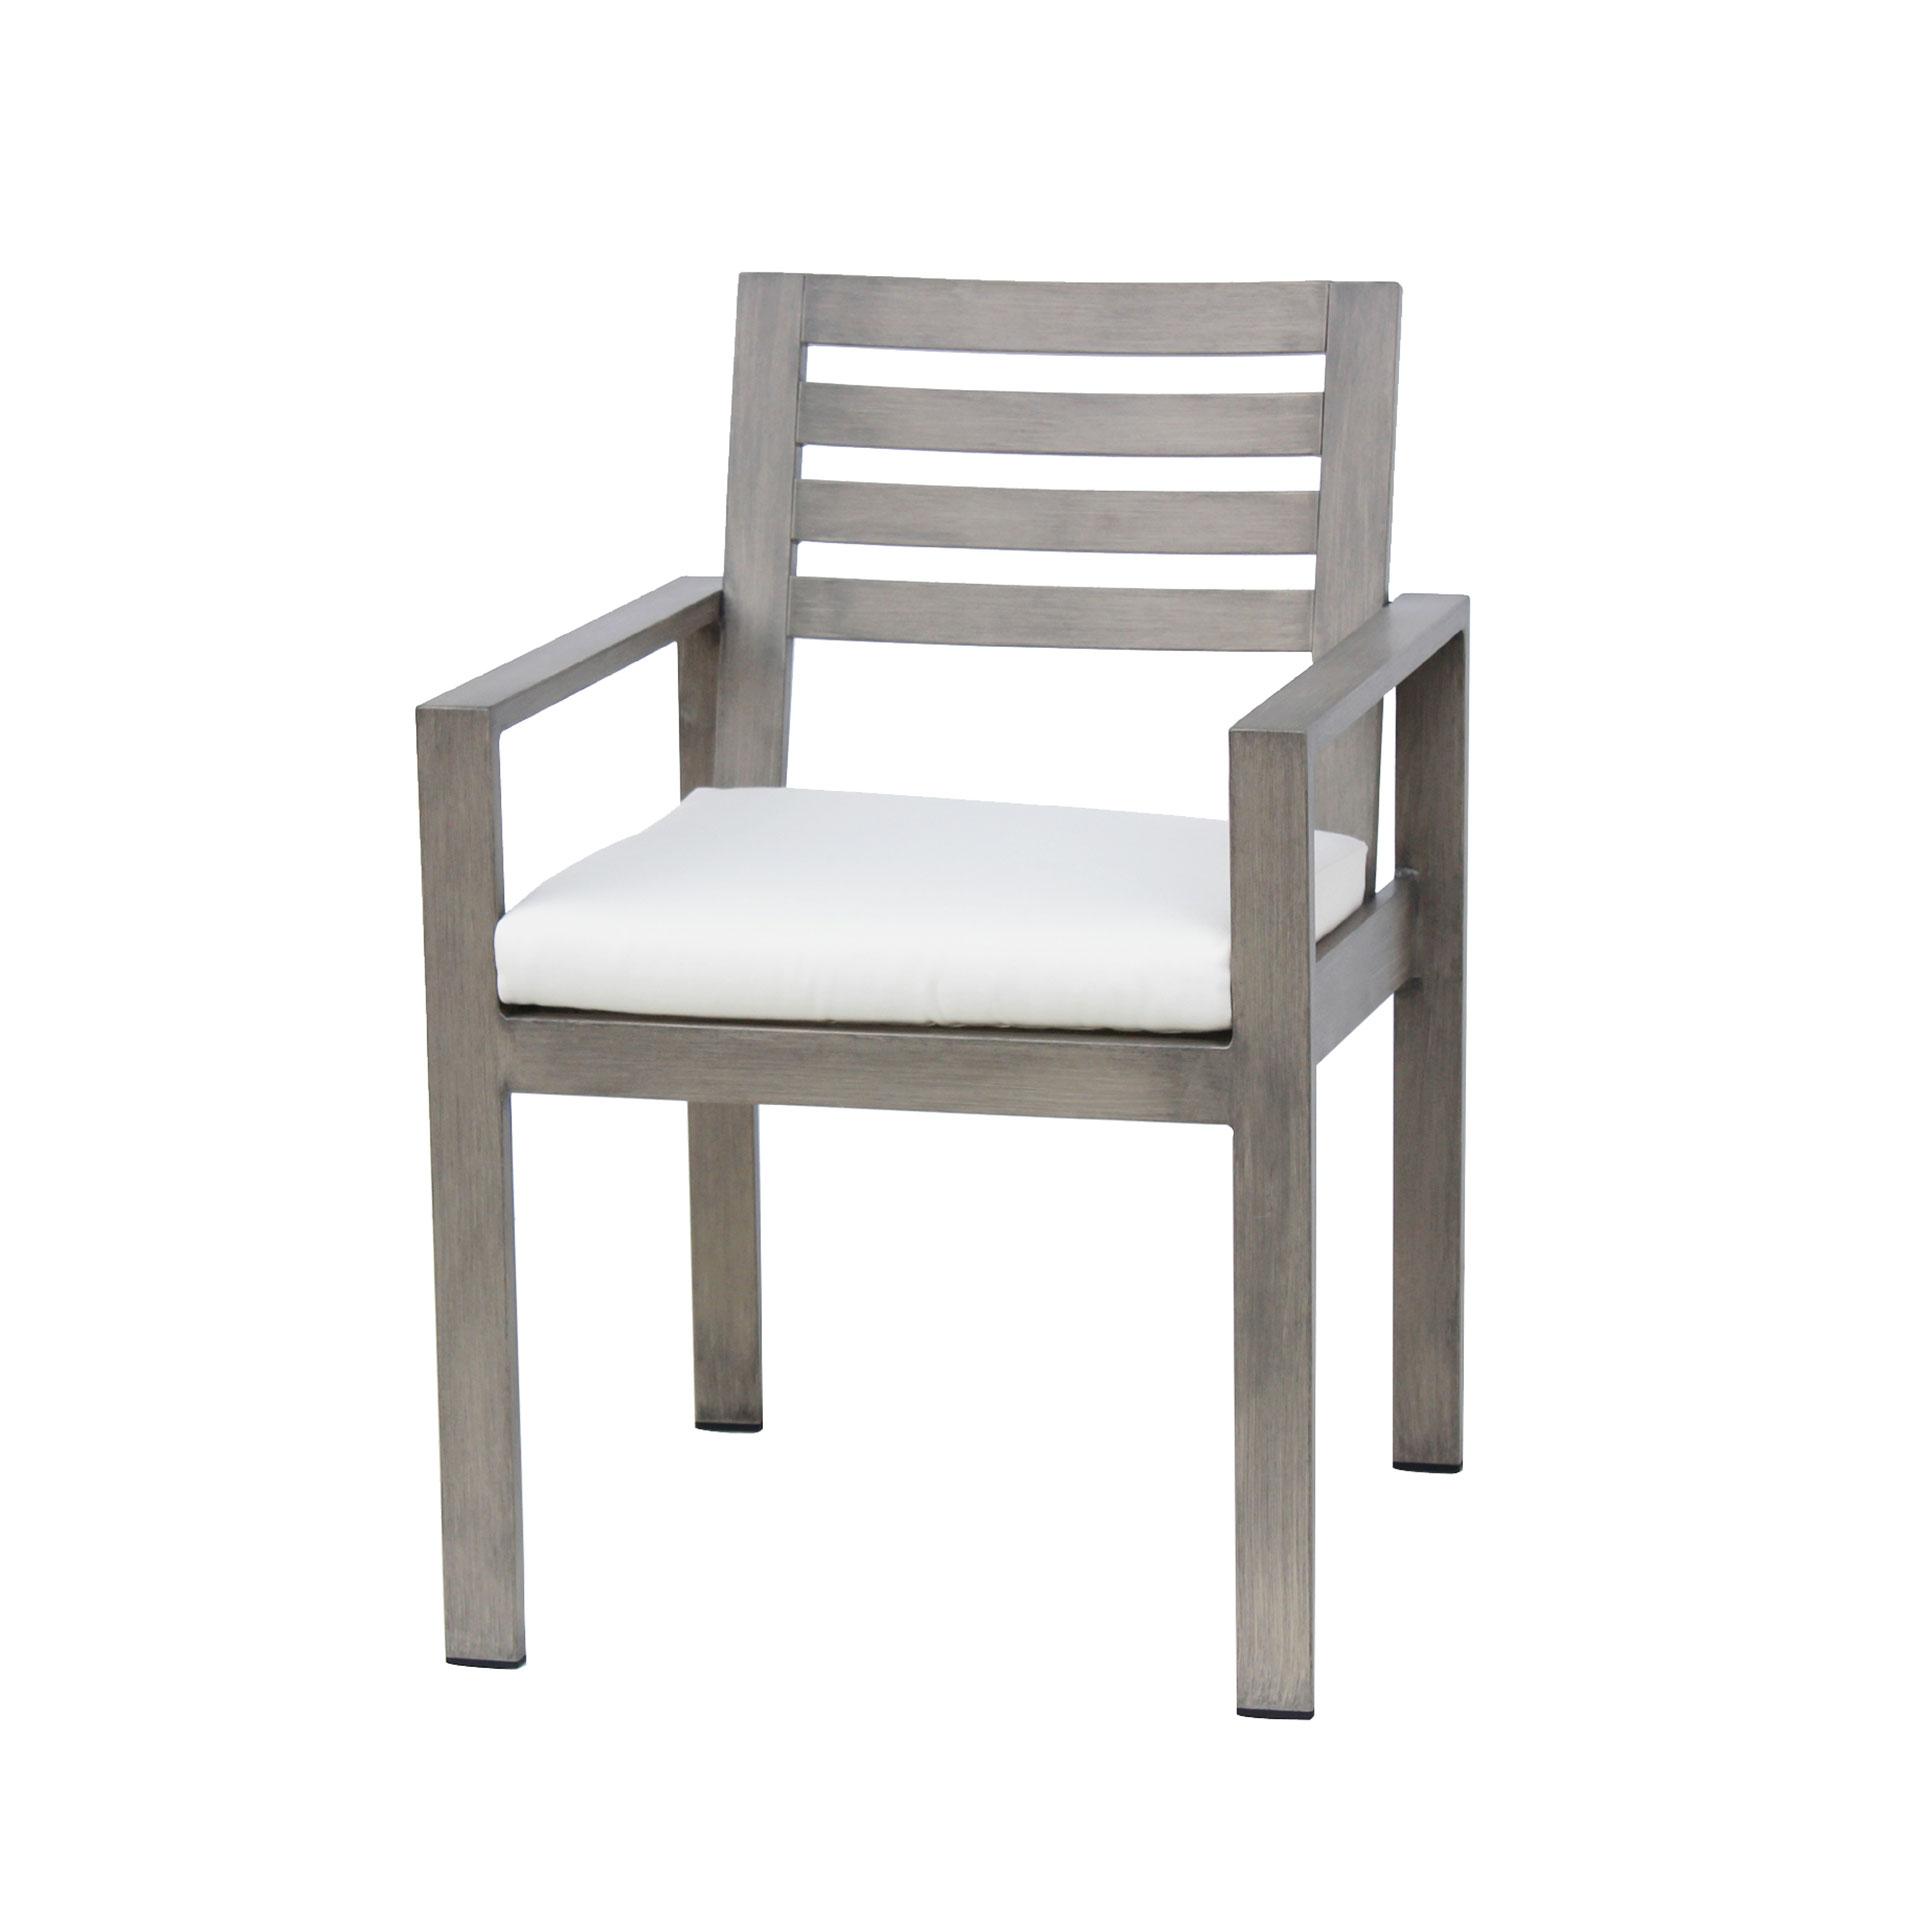 Ratana Park Lane Dining Arm Chair Leisure Living - Ratana outdoor furniture